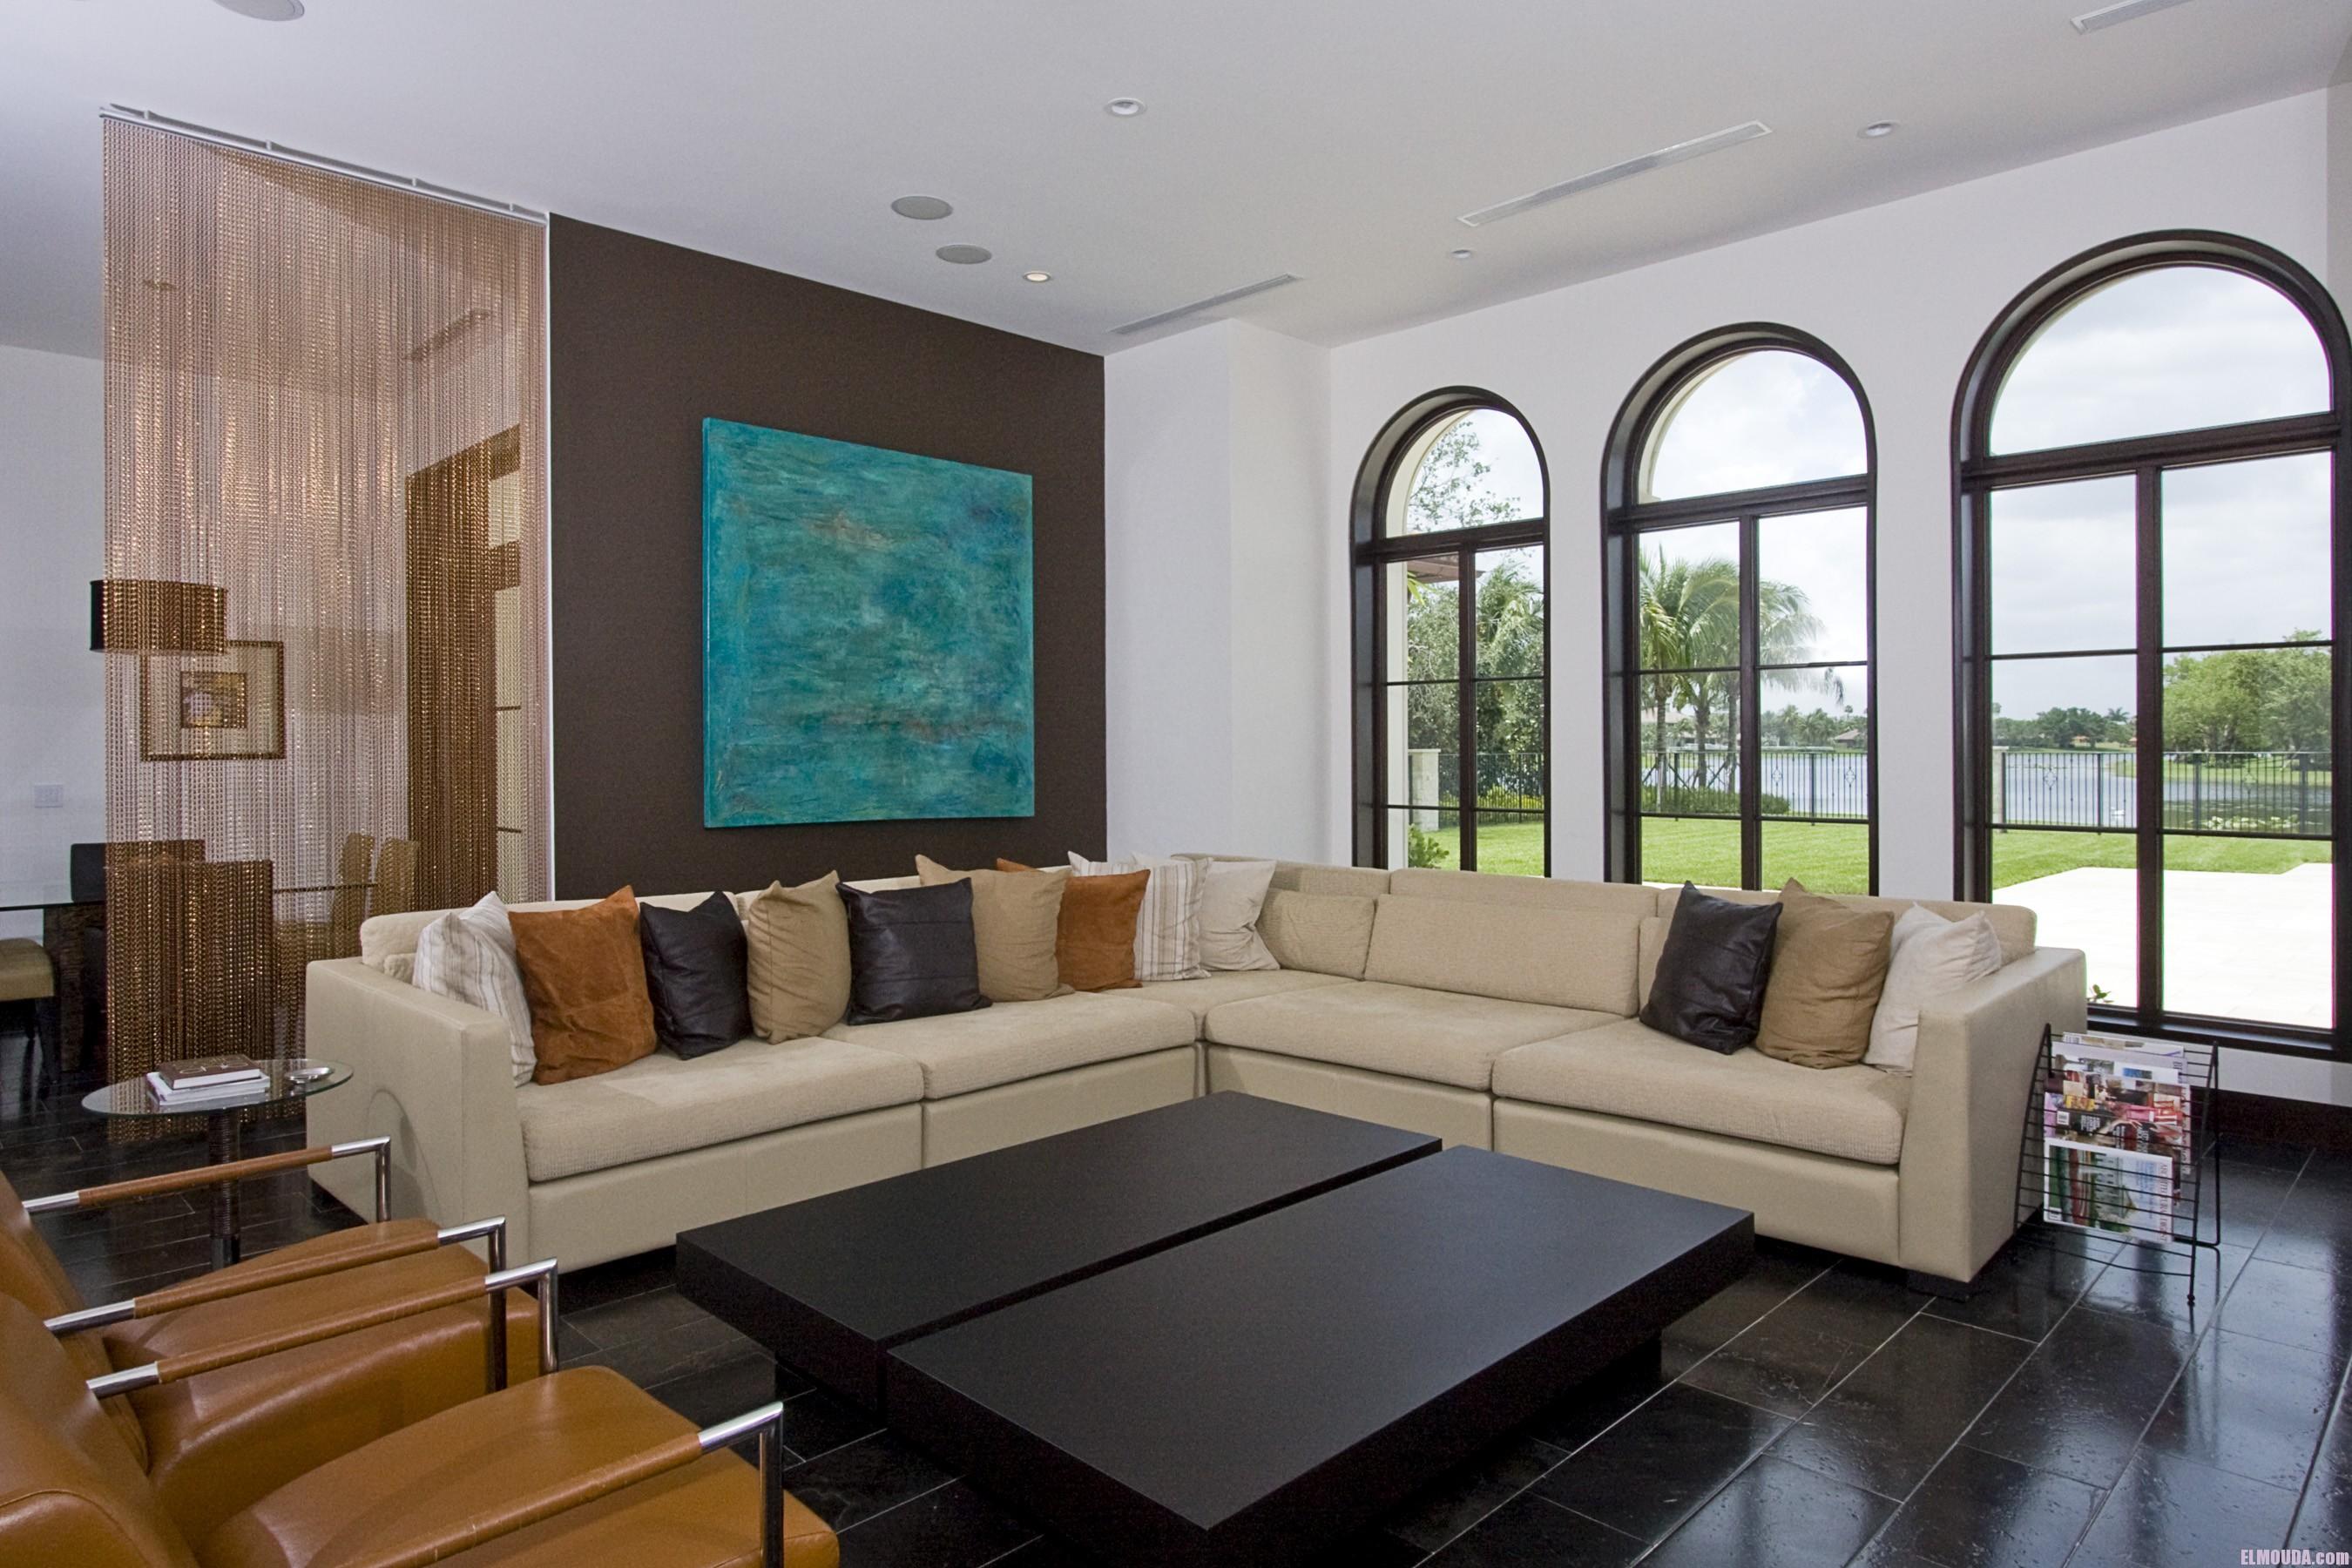 - Wallpaper interior design pictures ...